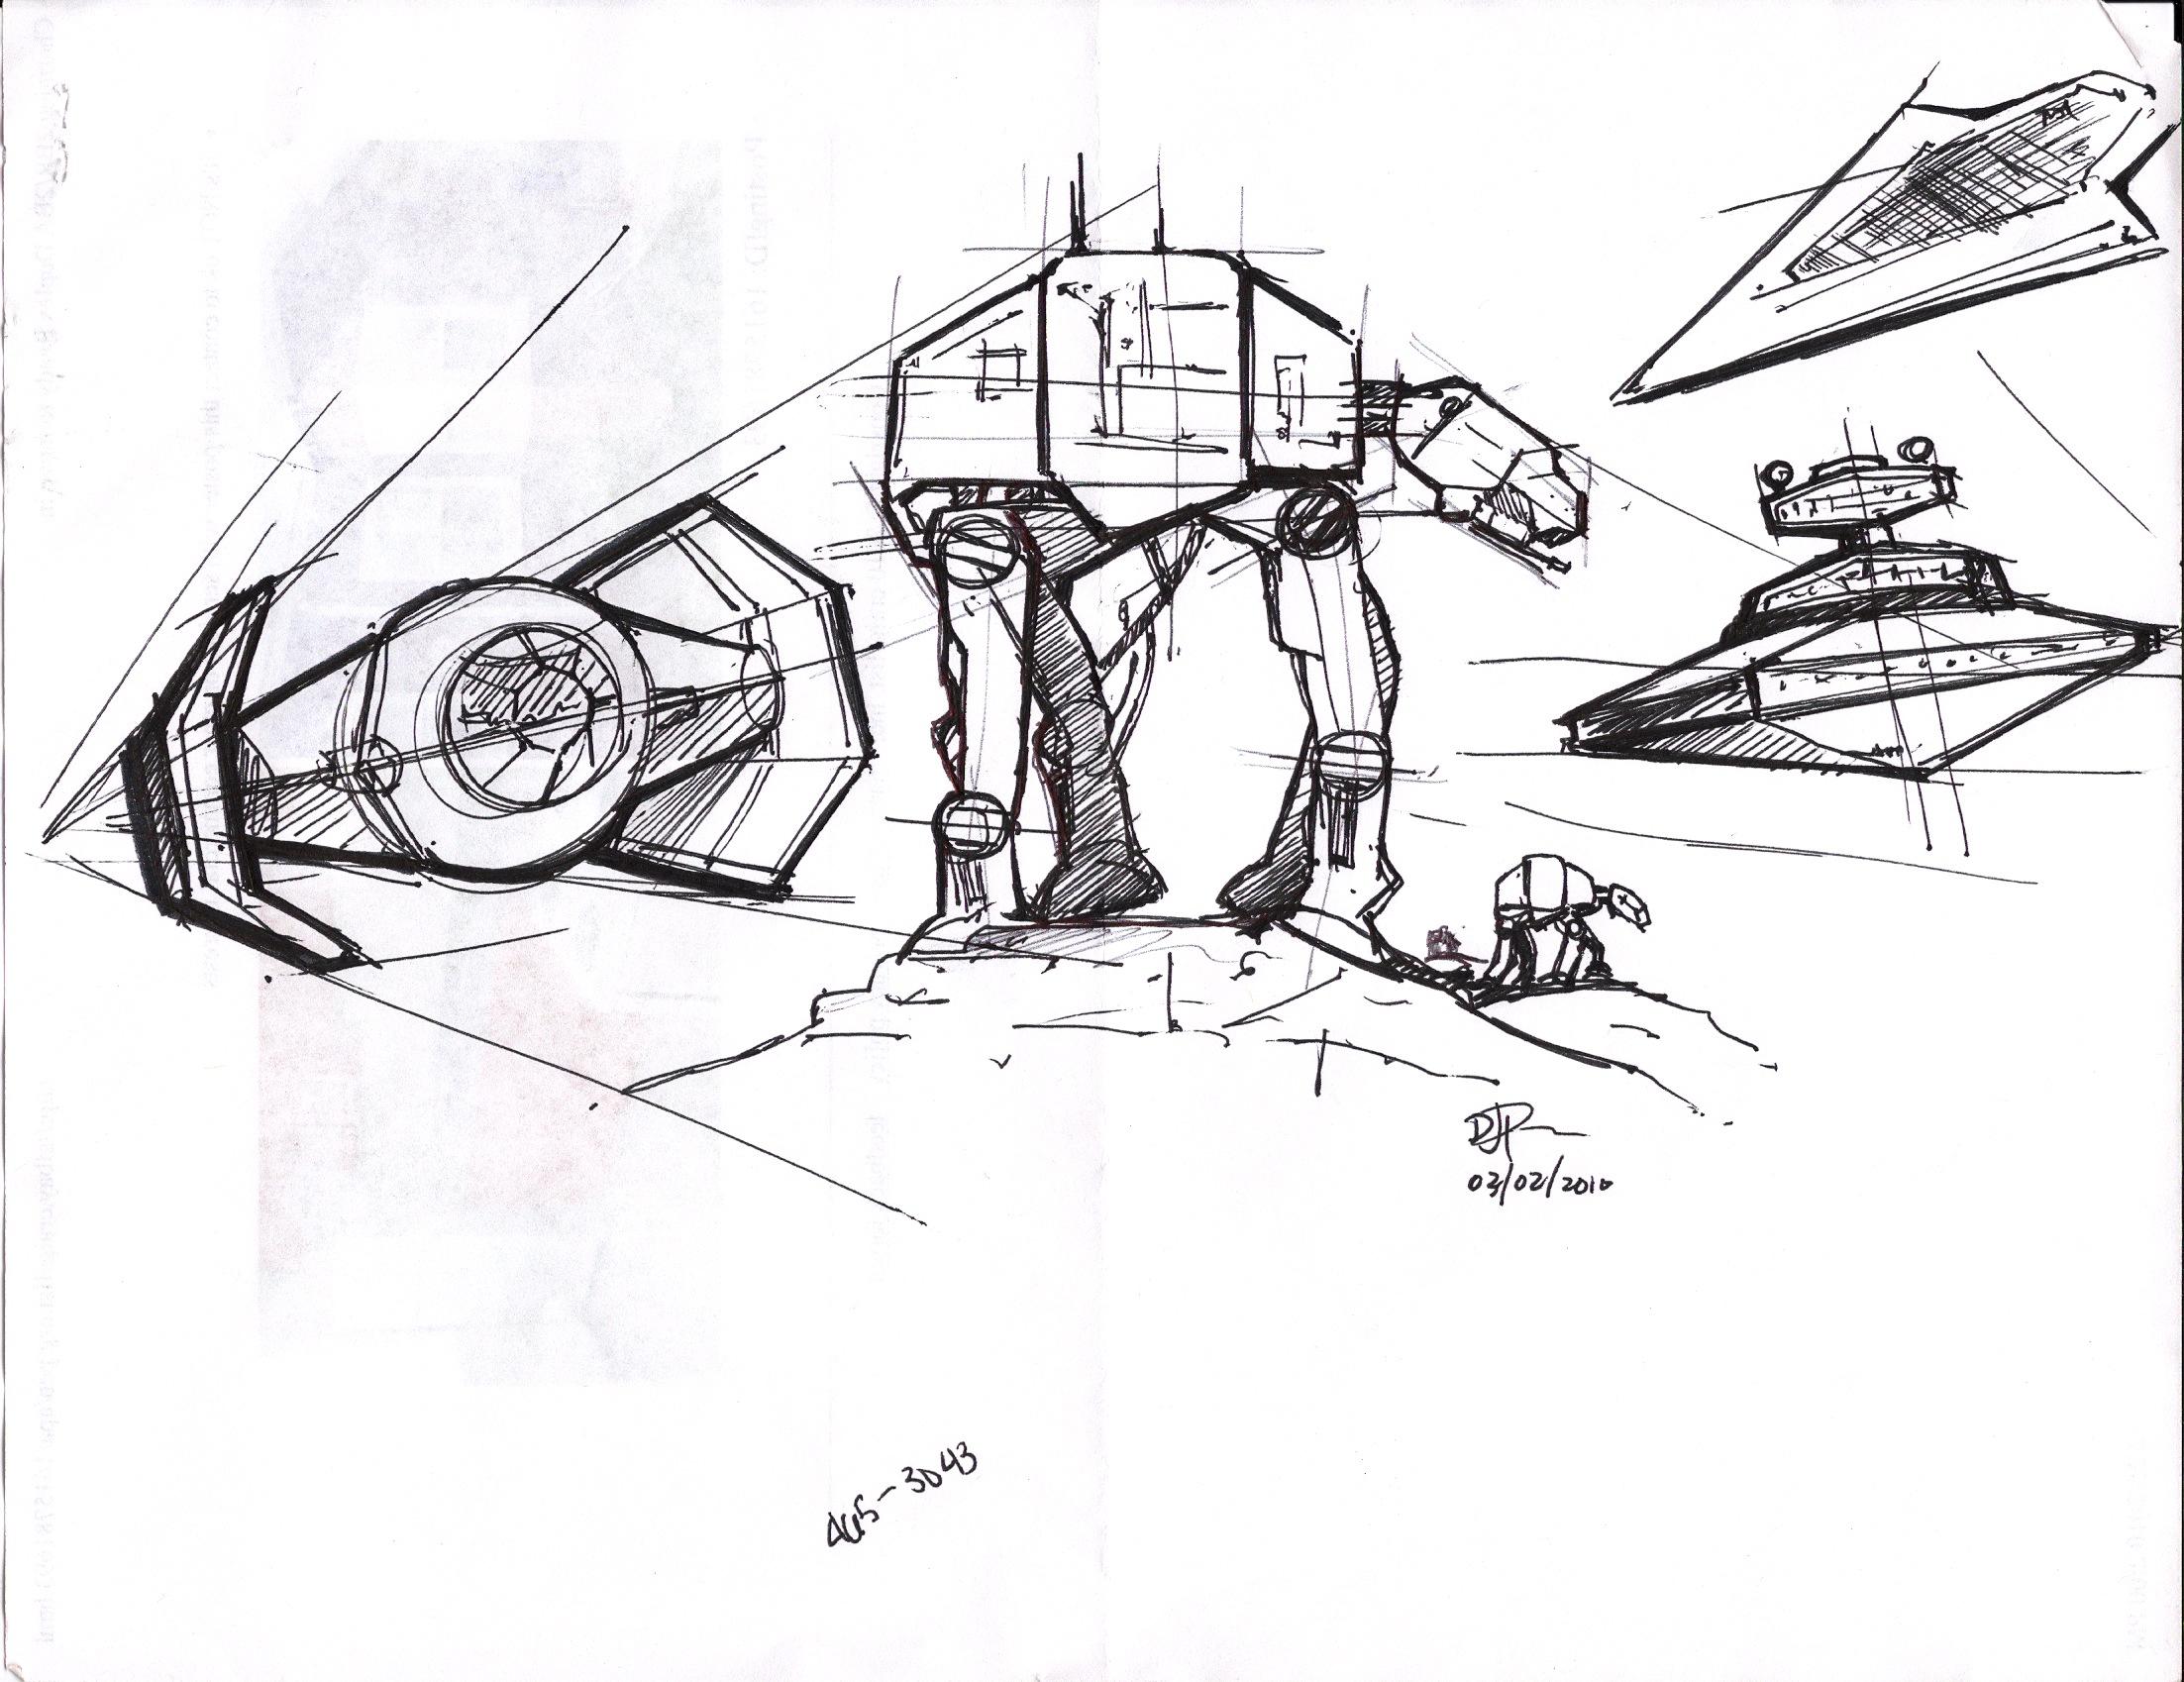 2205x1698 Star Wars Imperial Vehicles Sketches. Star Wars Badassery